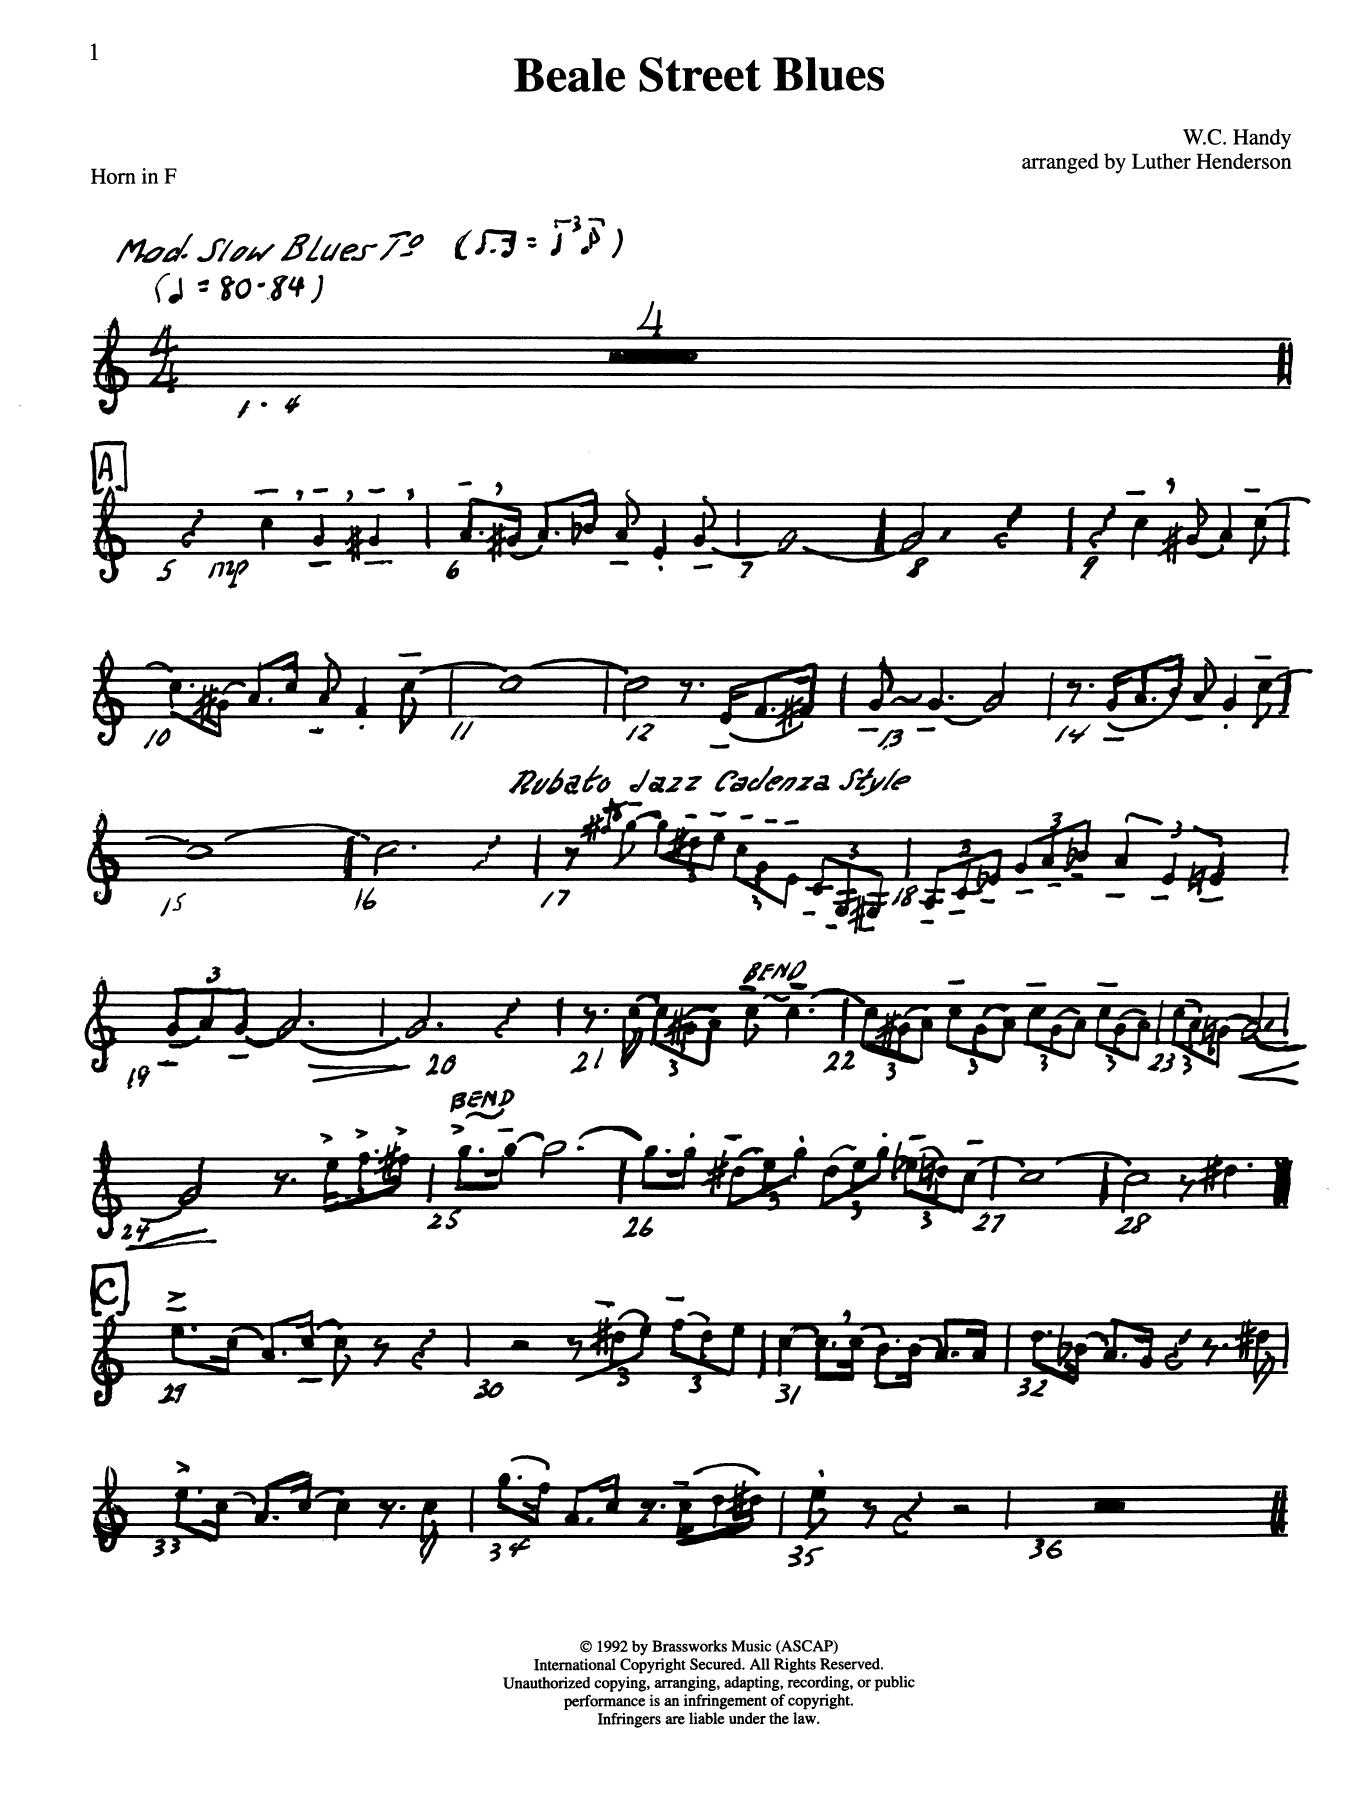 Beale Street Blues - Horn in F